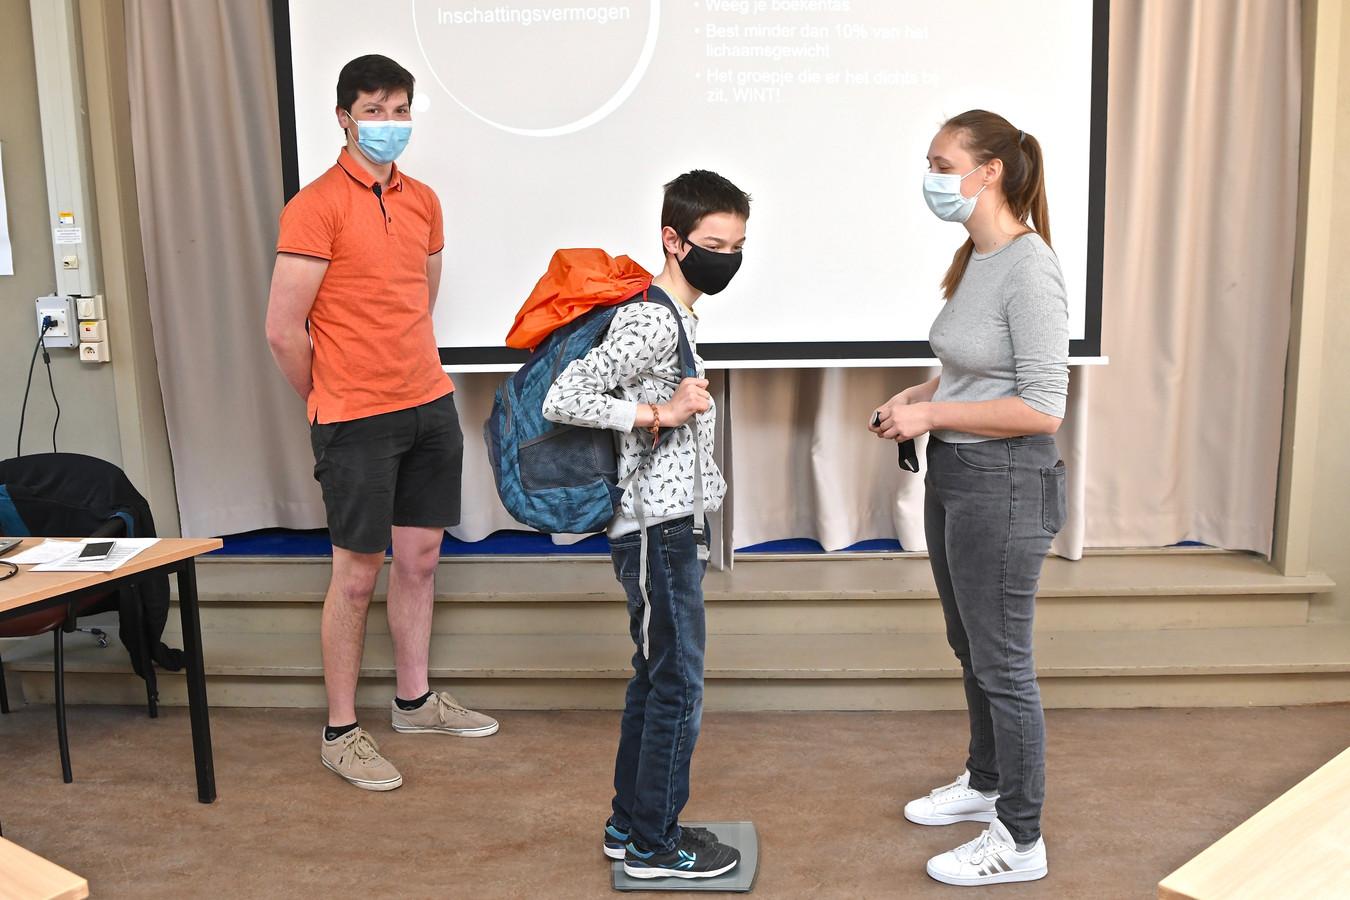 Gezondheidslessen in het VTI. Deze leerling zou eigenlijk 90 kg moeten wegen om op een gezonde manier een boekentas van 9 kg op de rug te dragen.